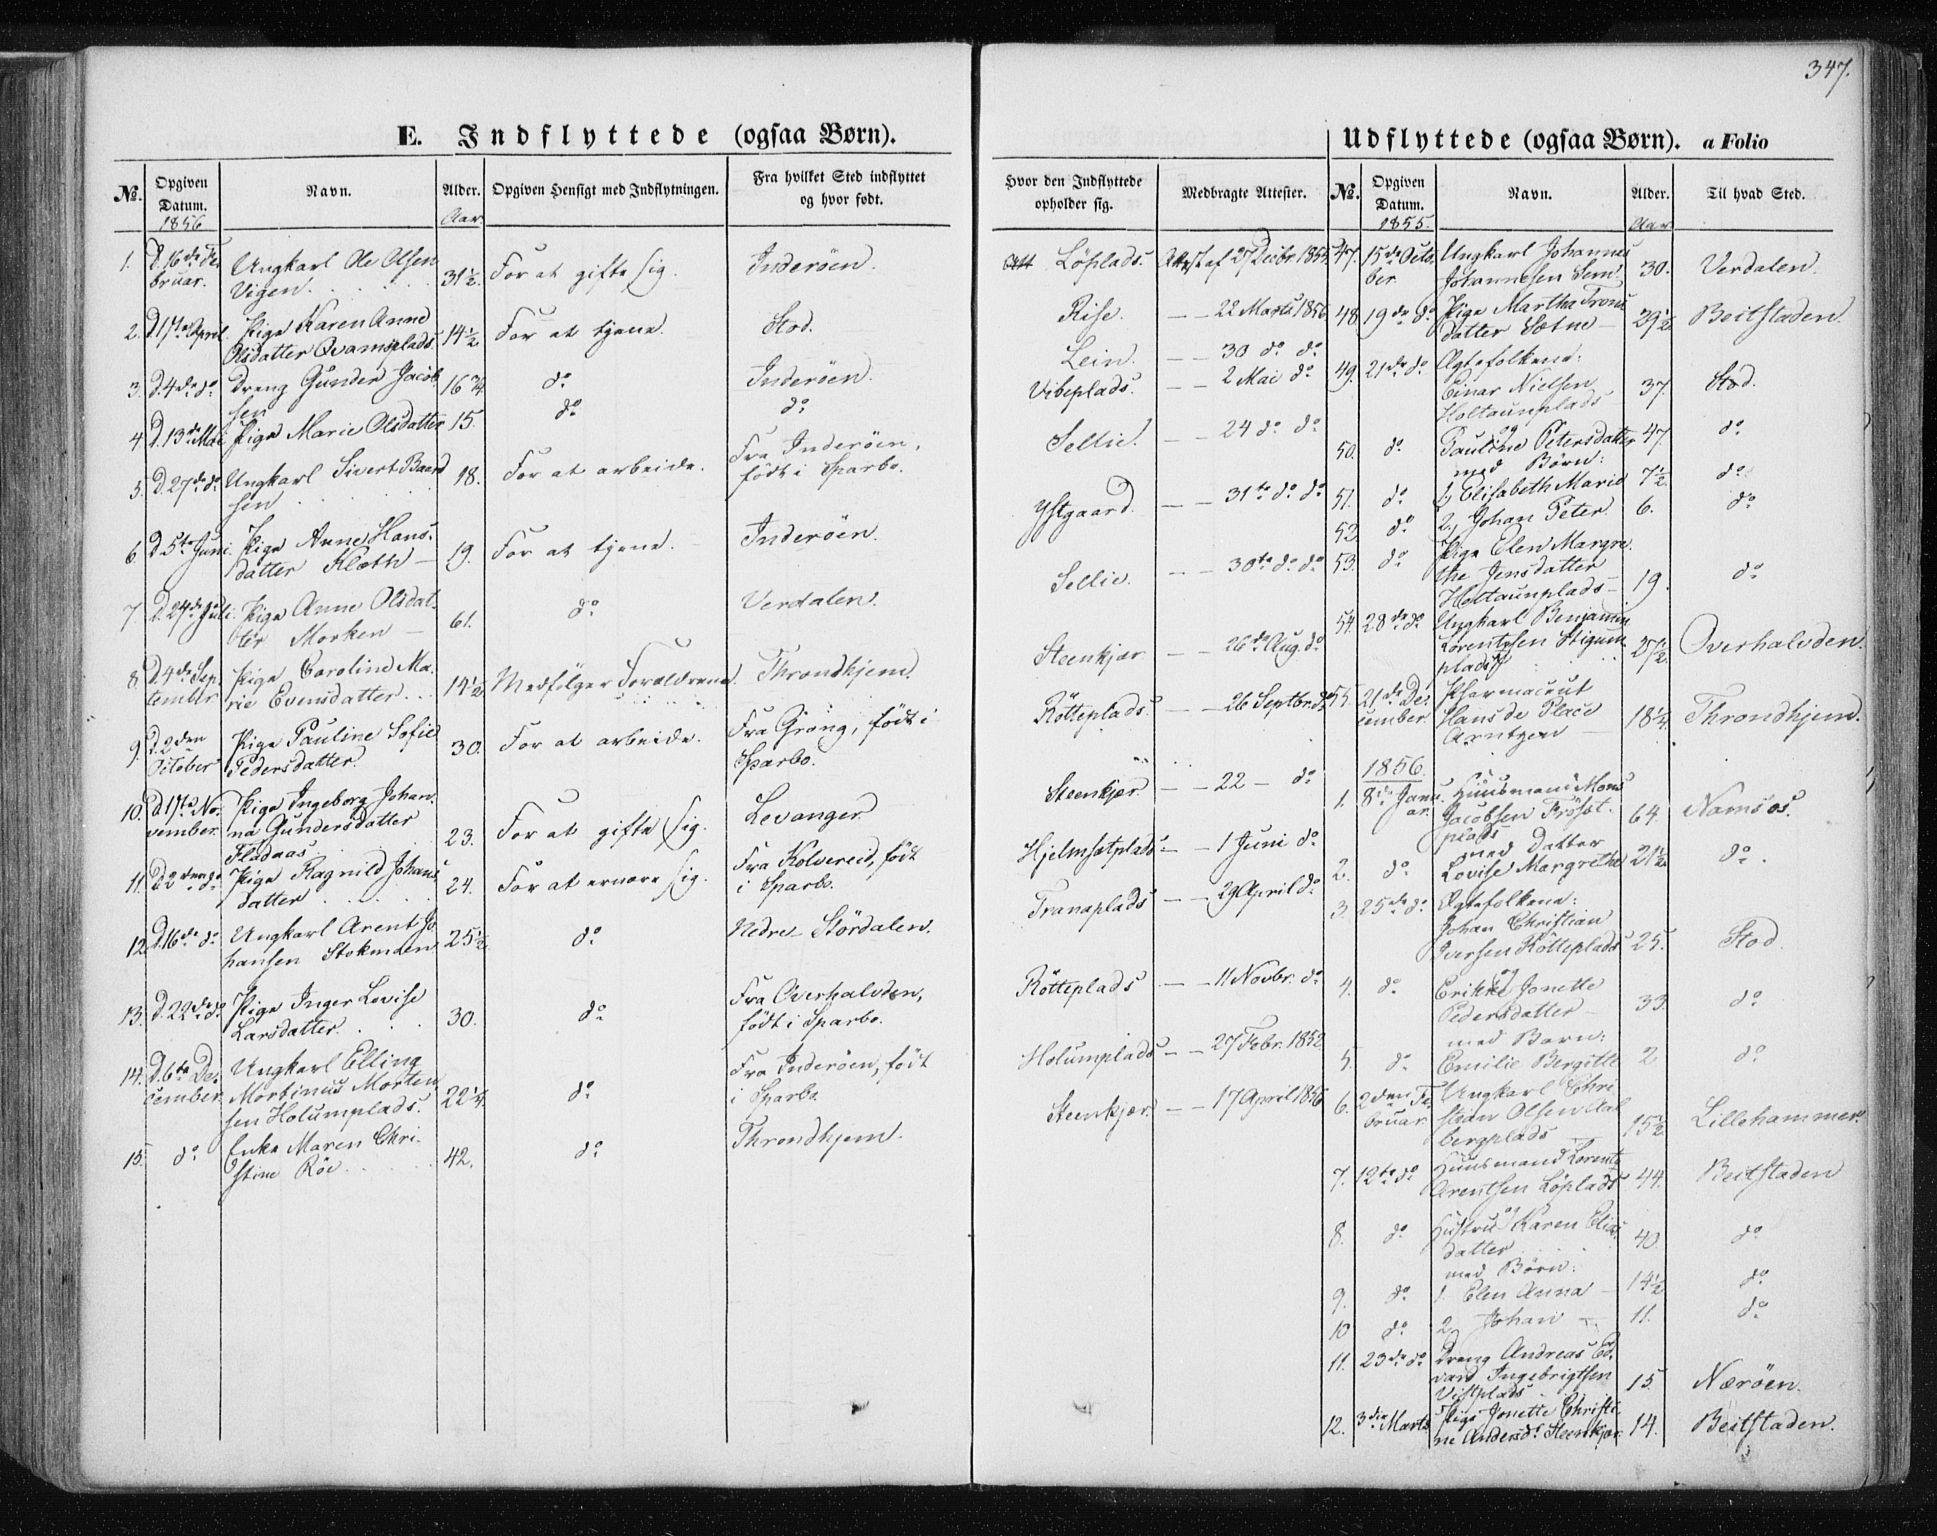 SAT, Ministerialprotokoller, klokkerbøker og fødselsregistre - Nord-Trøndelag, 735/L0342: Ministerialbok nr. 735A07 /1, 1849-1862, s. 347